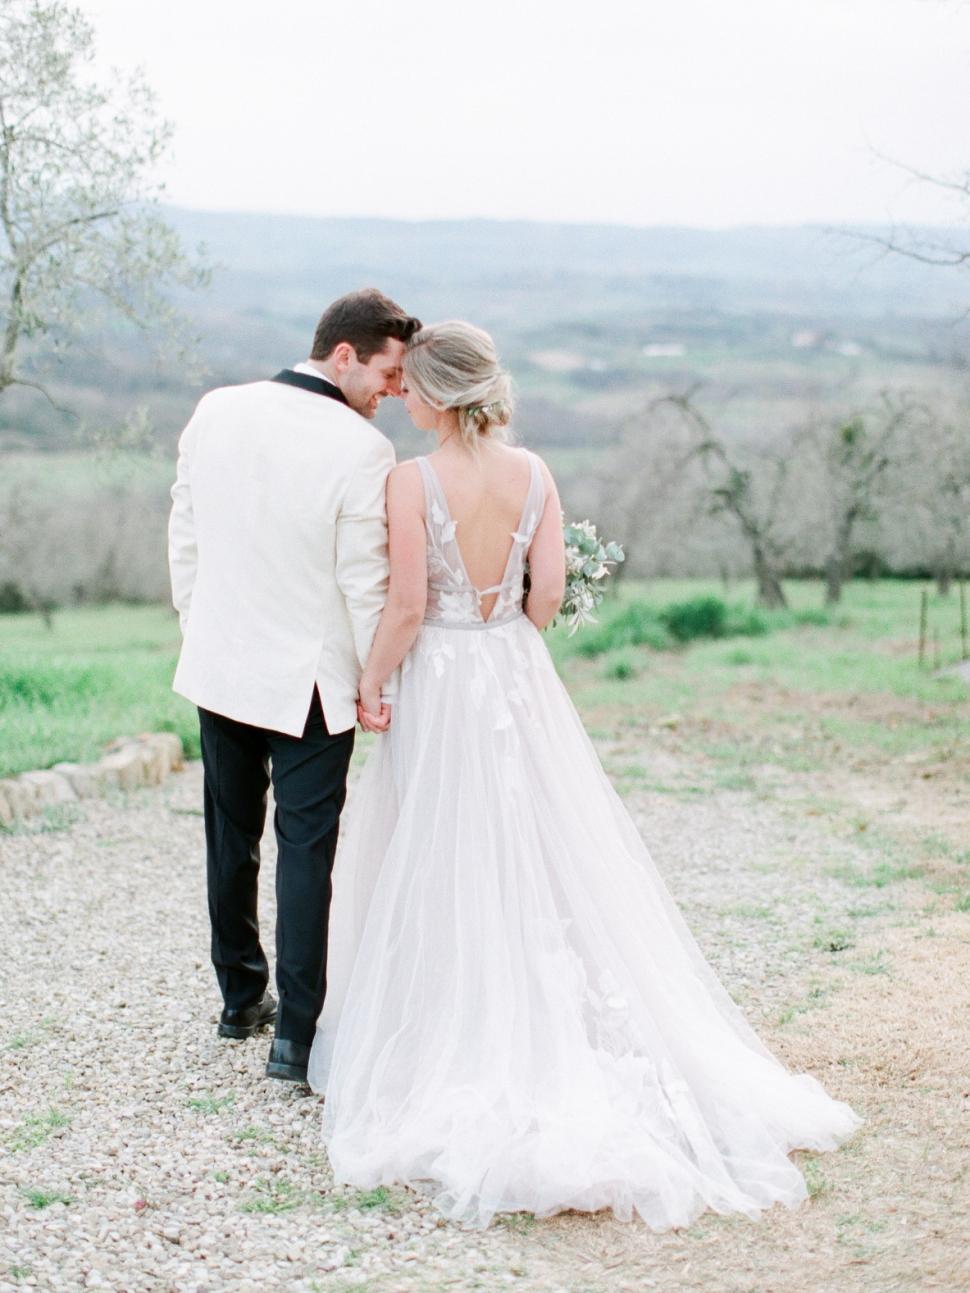 Tuscany-Destination-Wedding-Photographer-Cassi-Claire-Borgo-Petrognano-Florence-Wedding-01.jpg